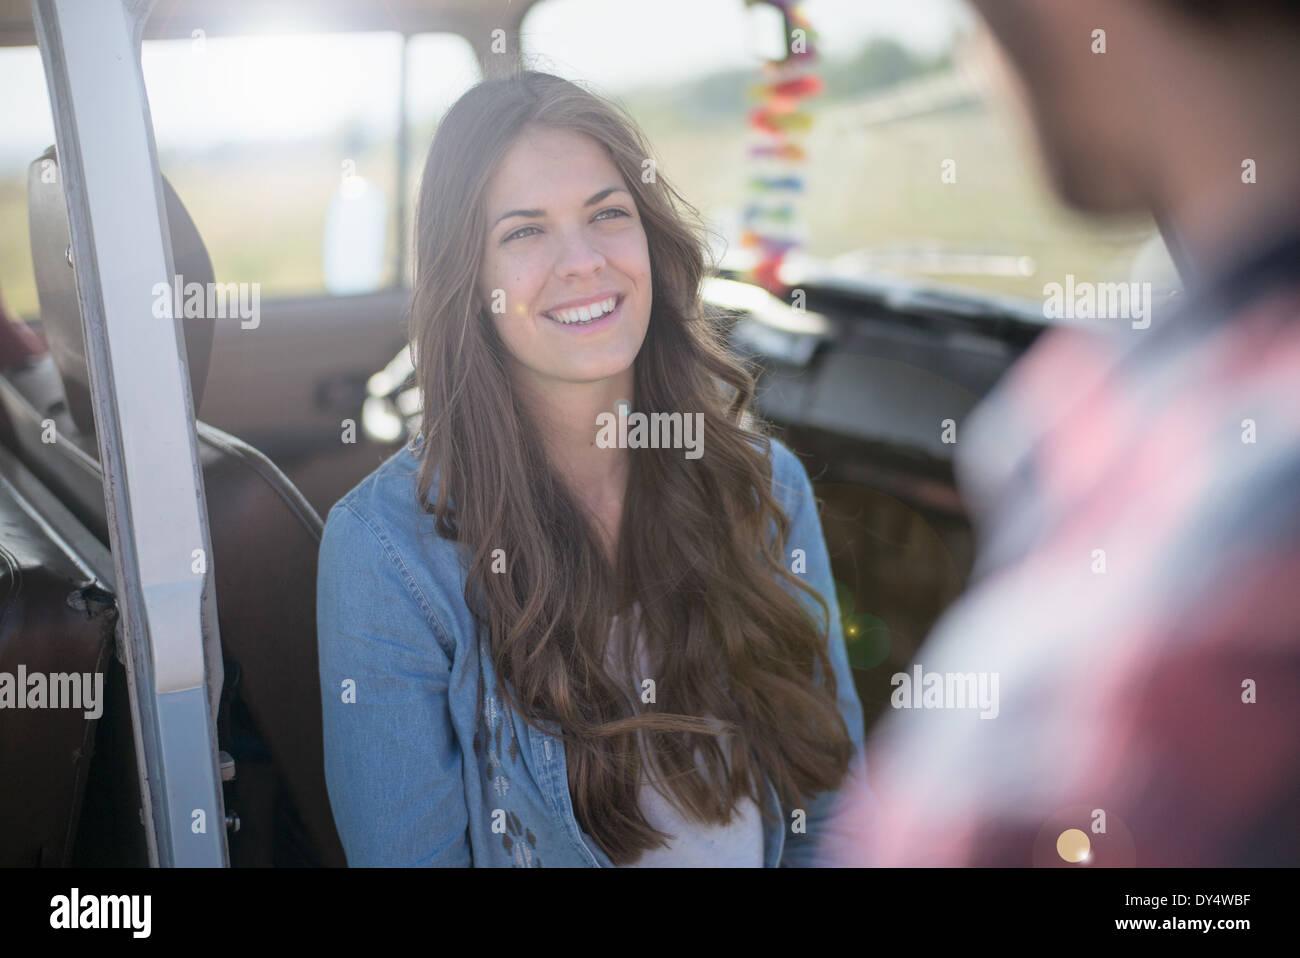 Junge Frau mit langen braunen Haaren, Lächeln Stockbild